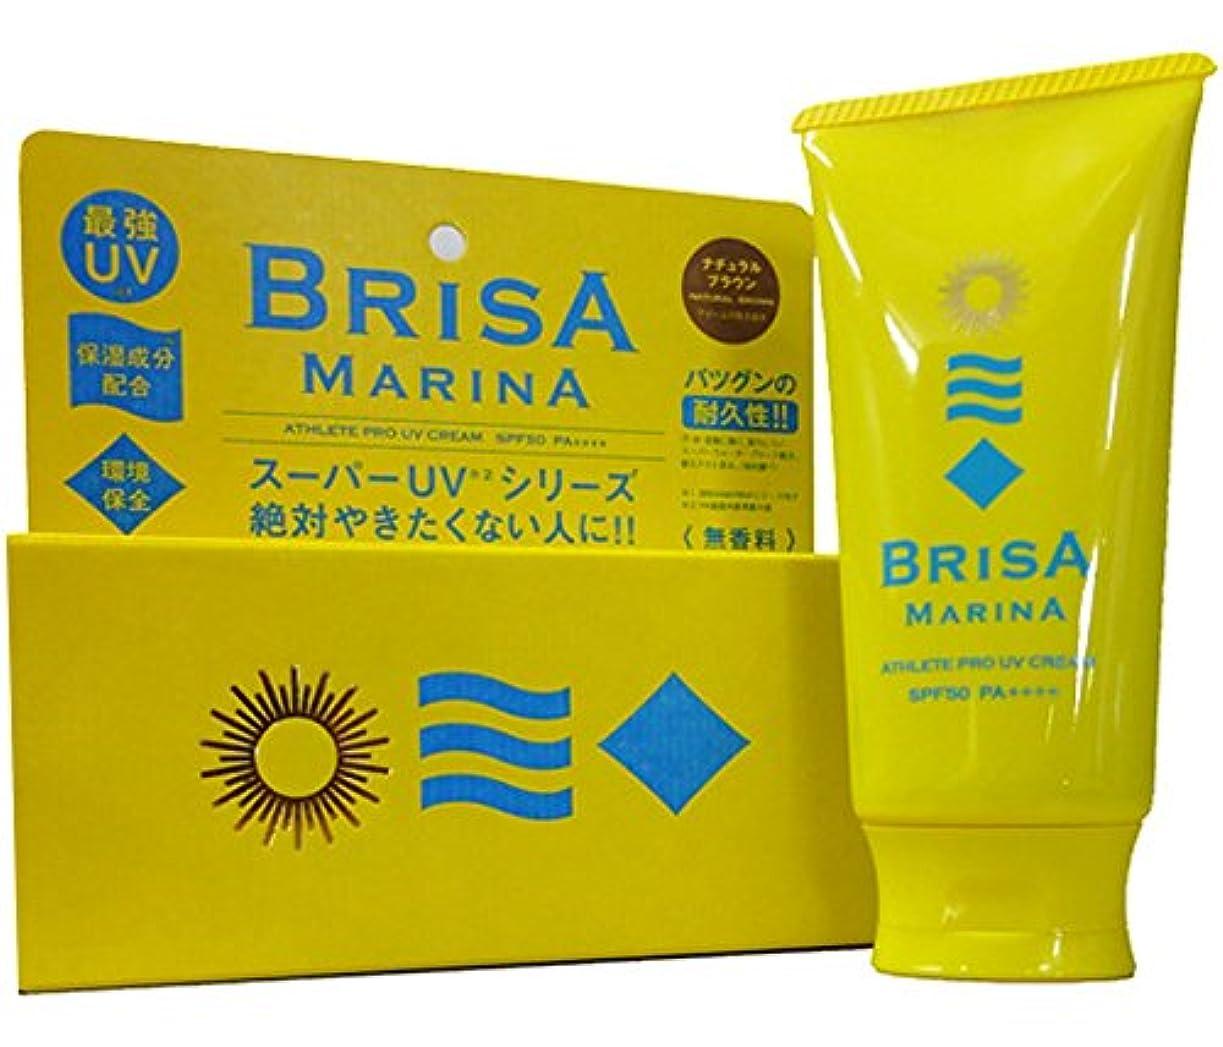 特異なスピーカー好奇心盛BRISA MARINA(ブリサマリーナ) ATHLETE PRO UV CREAM 70g 日焼け止め クリーム